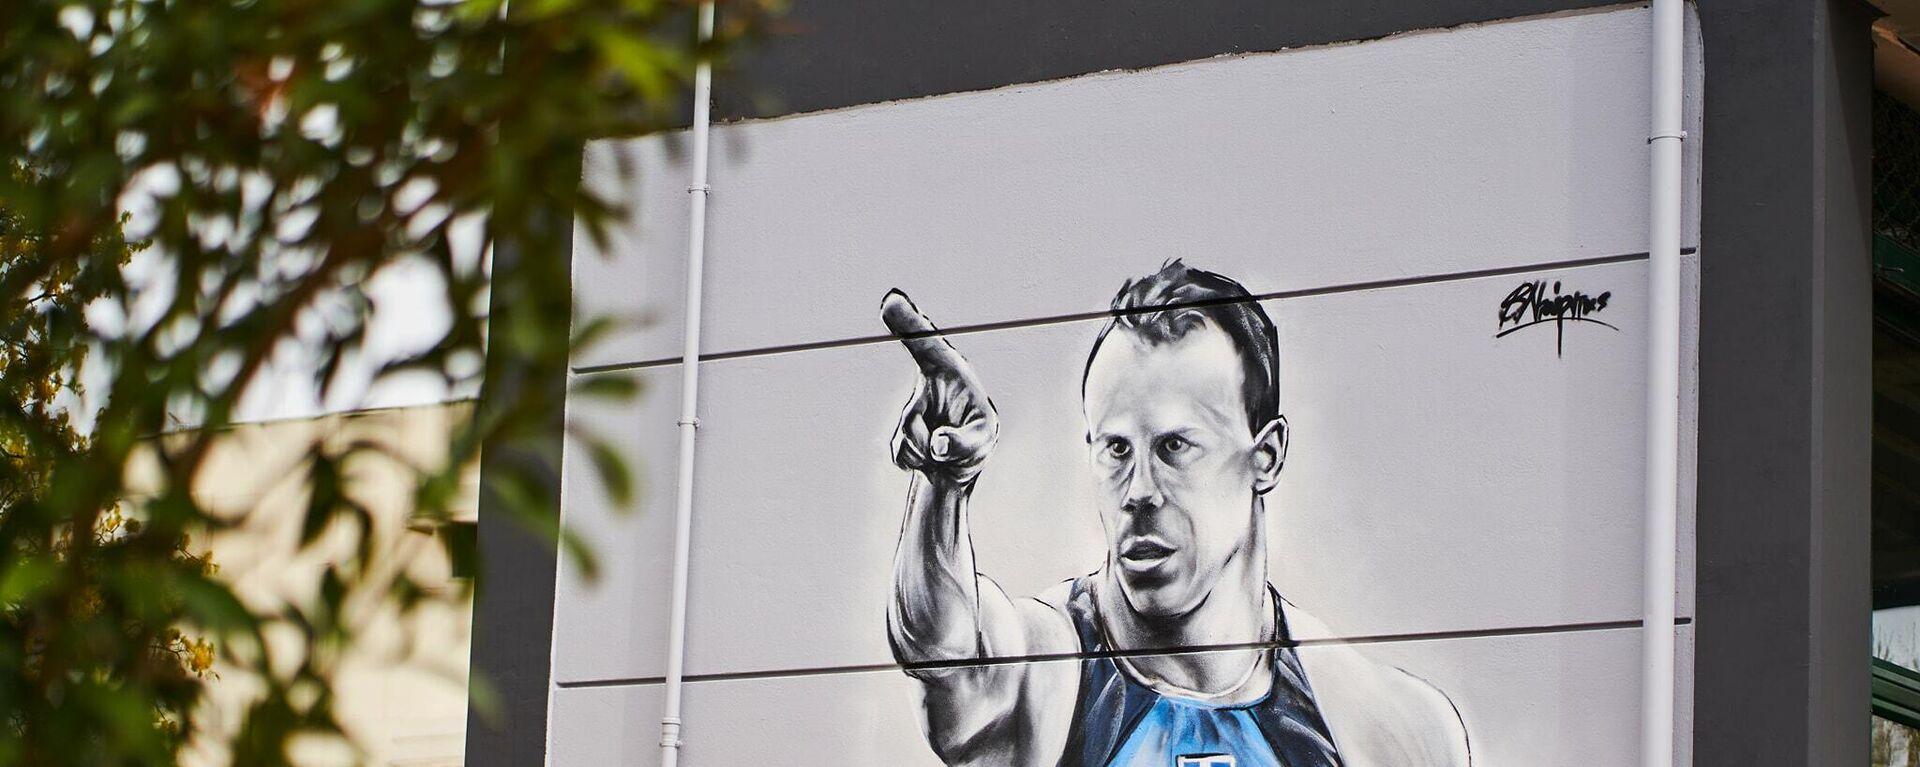 Το γκράφιτι του Κώστα Κεντέρη στο Ολυμπιακό Χωριό - Sputnik Ελλάδα, 1920, 29.09.2021